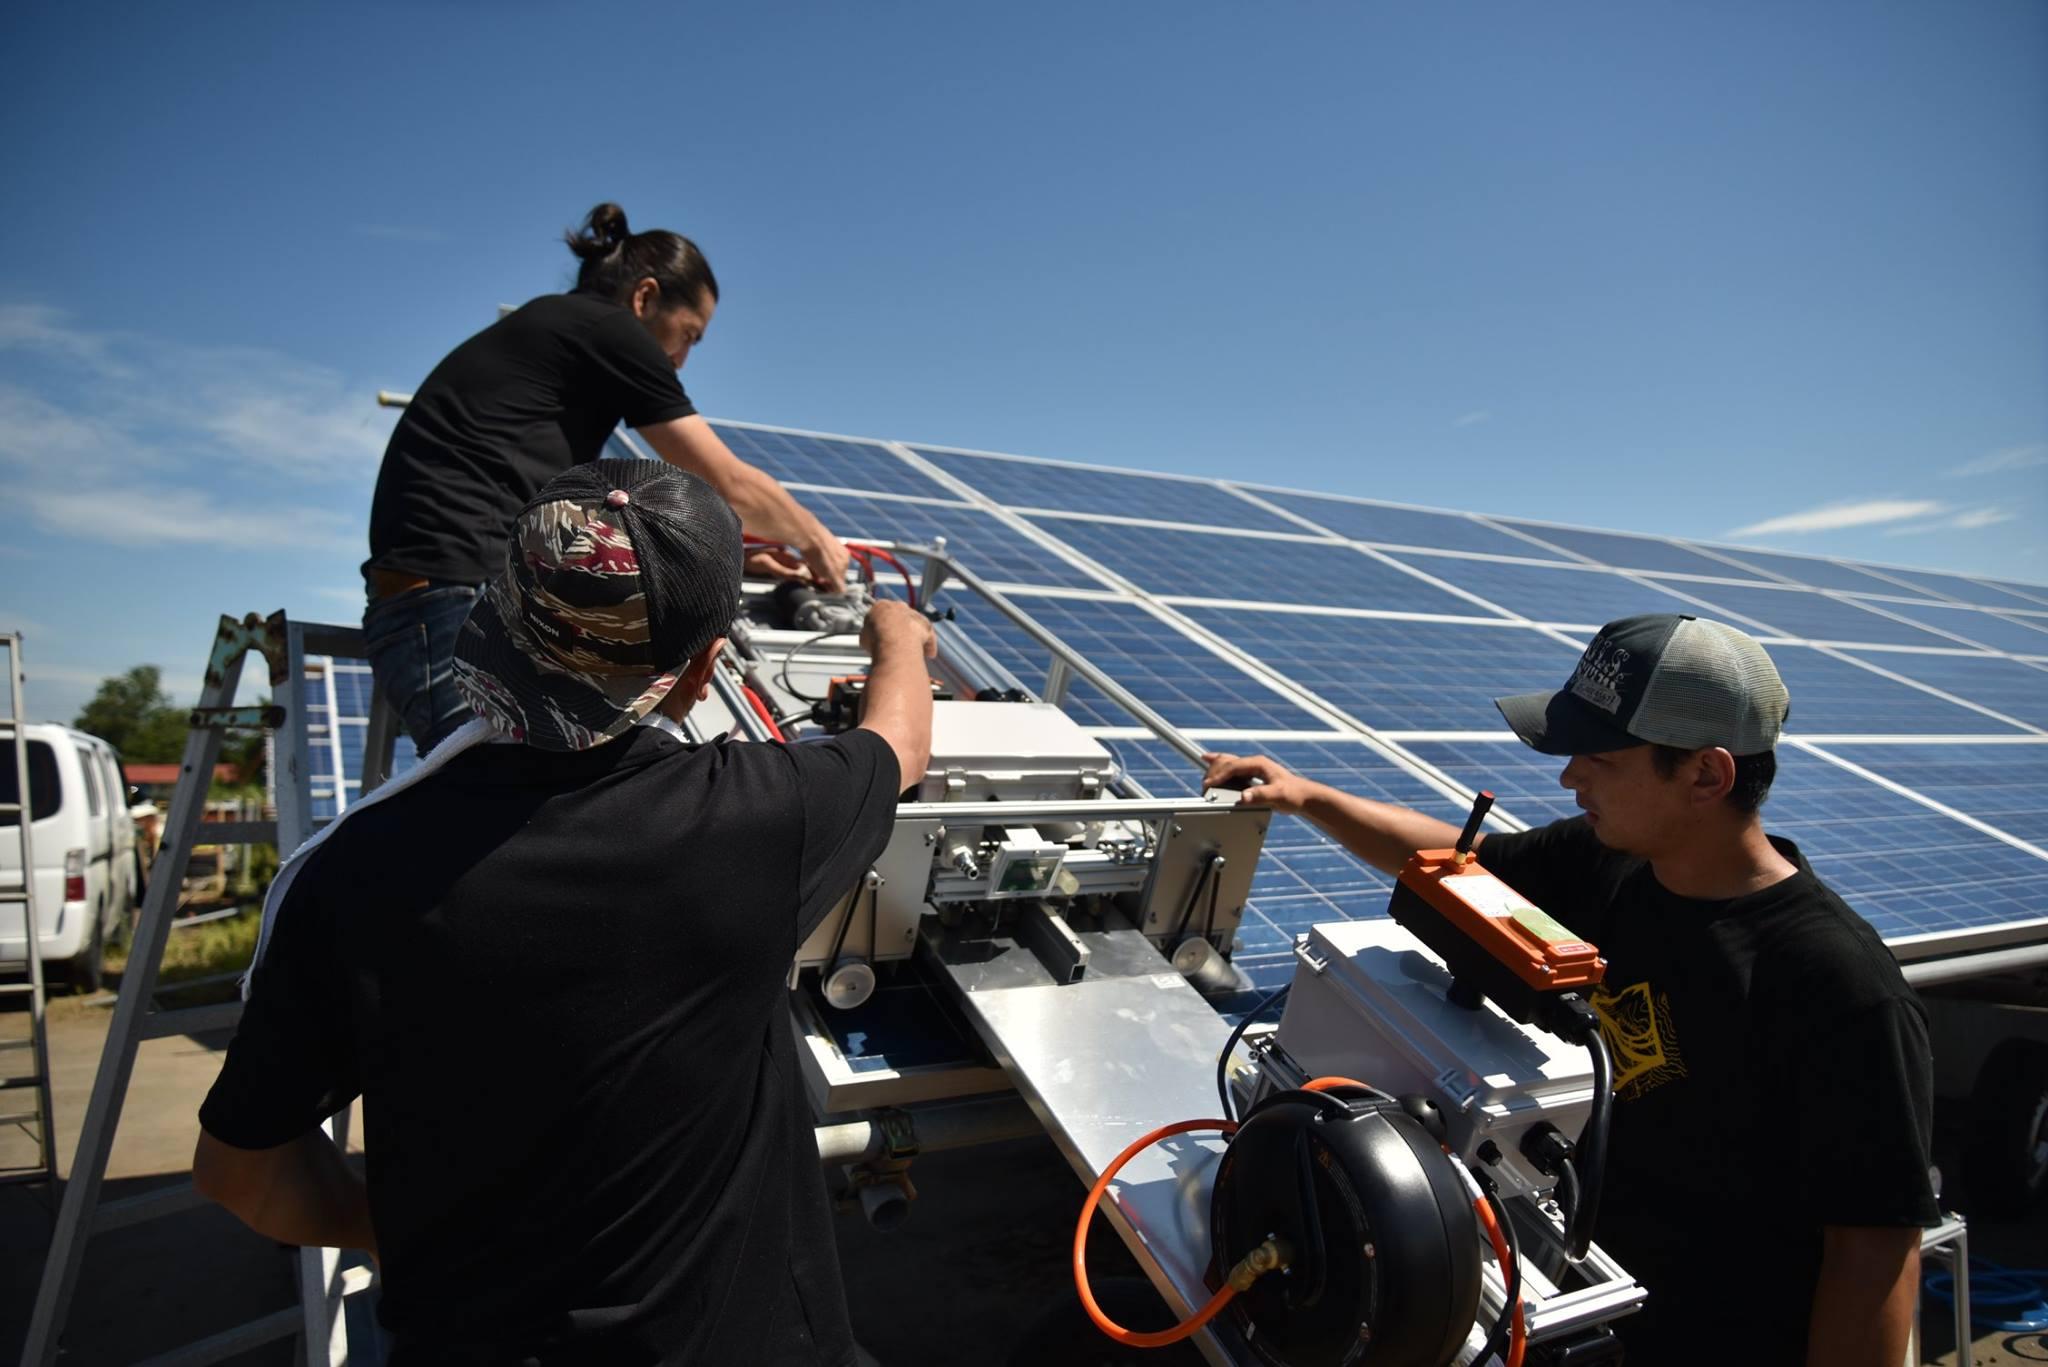 太陽光パネル清掃ロボットの試運転